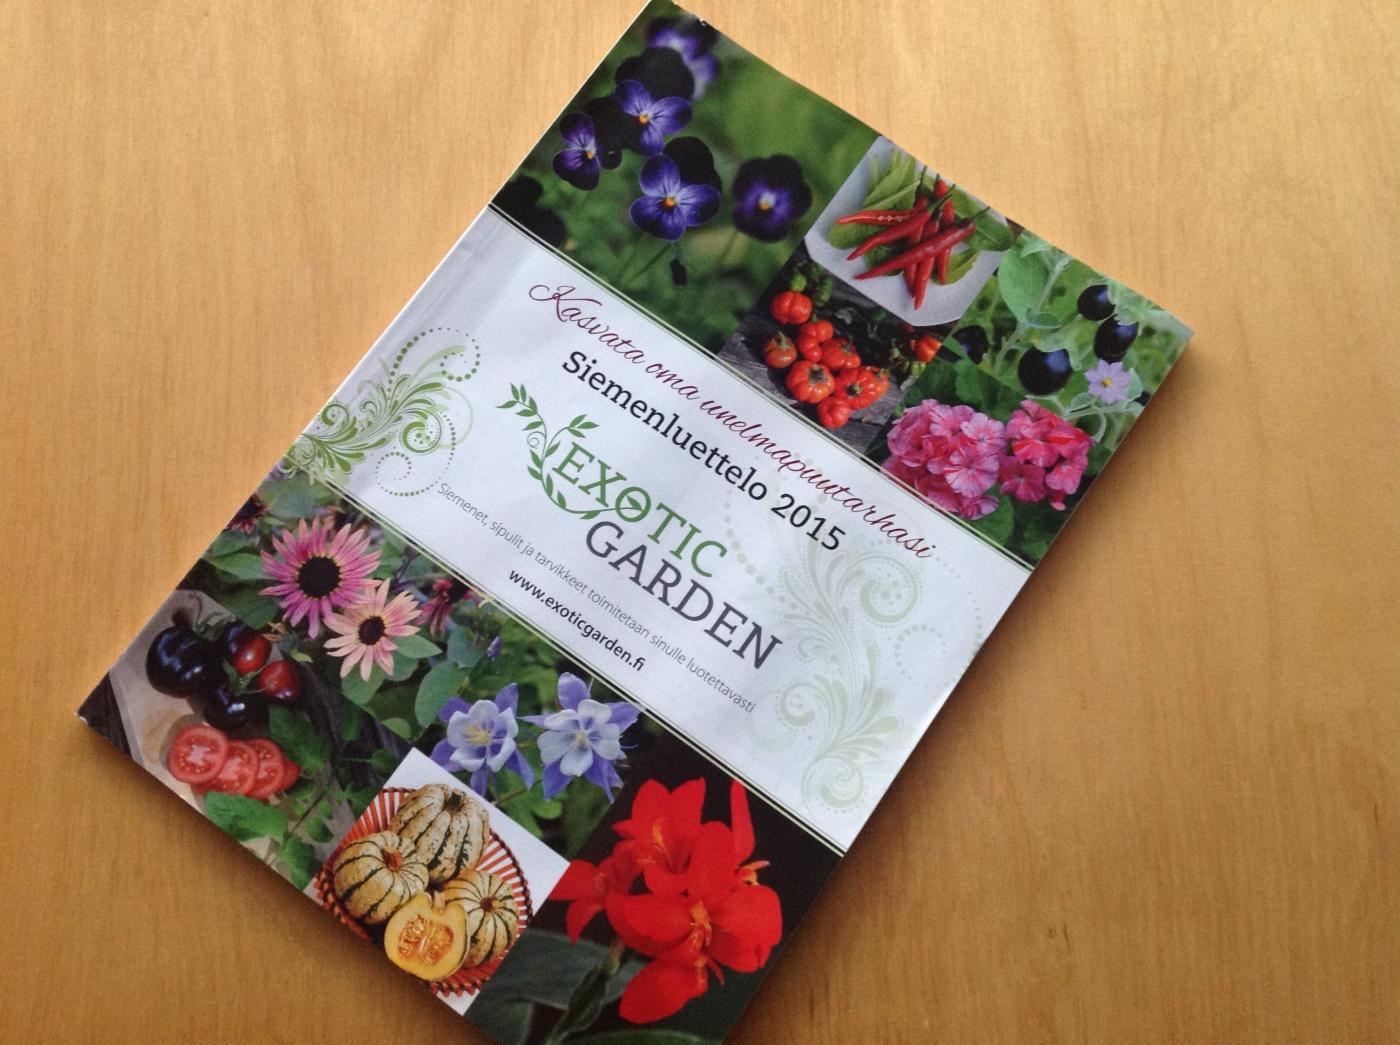 Excotic Gardenin siemenluettelo